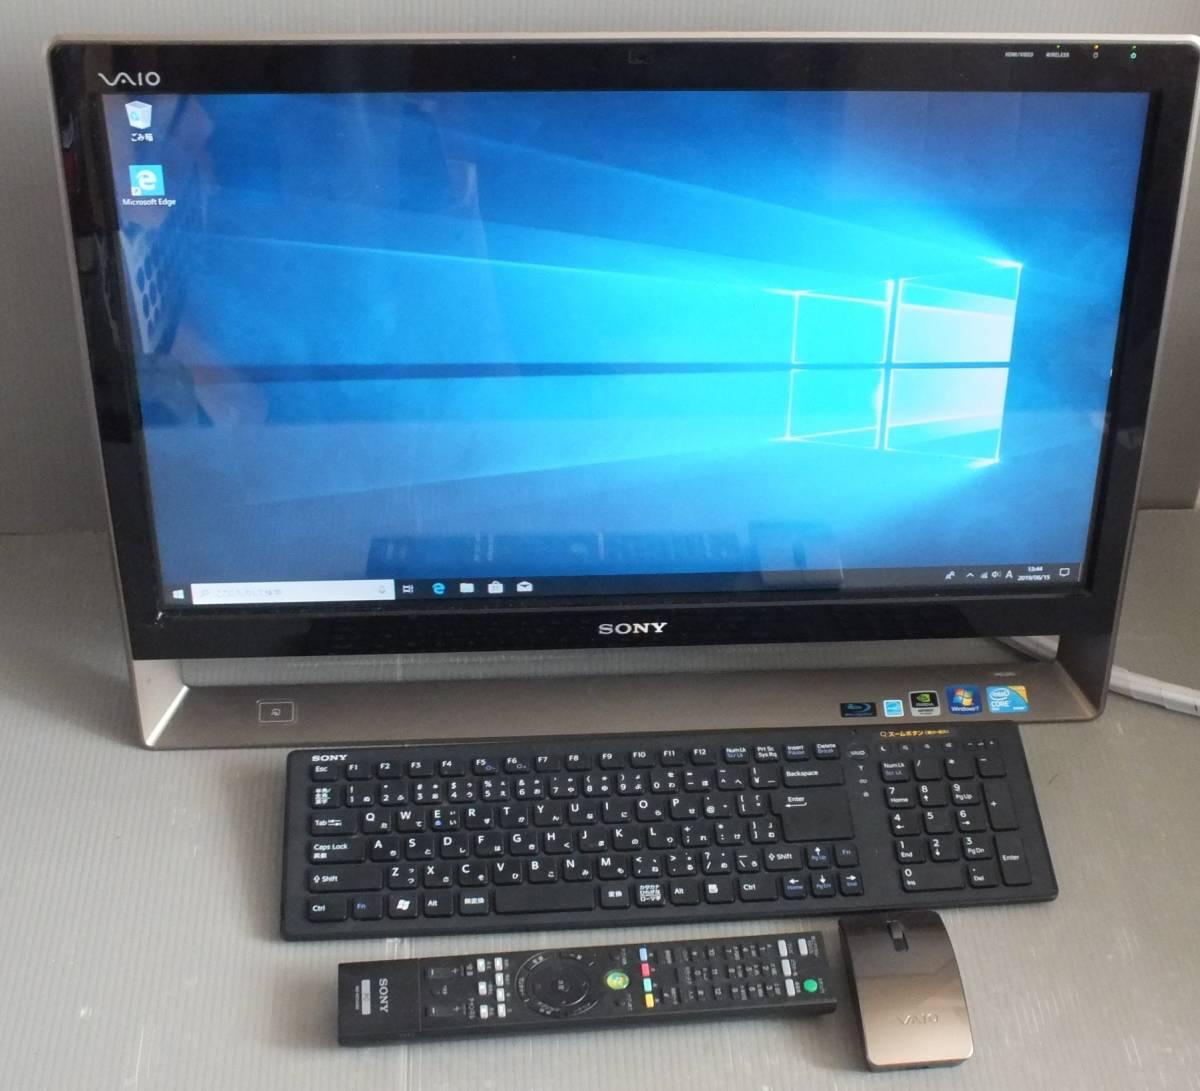 SONY VAIO デスクトップパソコン VPCL12AFJ Windows10 CORE2 Duo 無線マウス キーボード wifi BD DDR2 4GB 24インチ